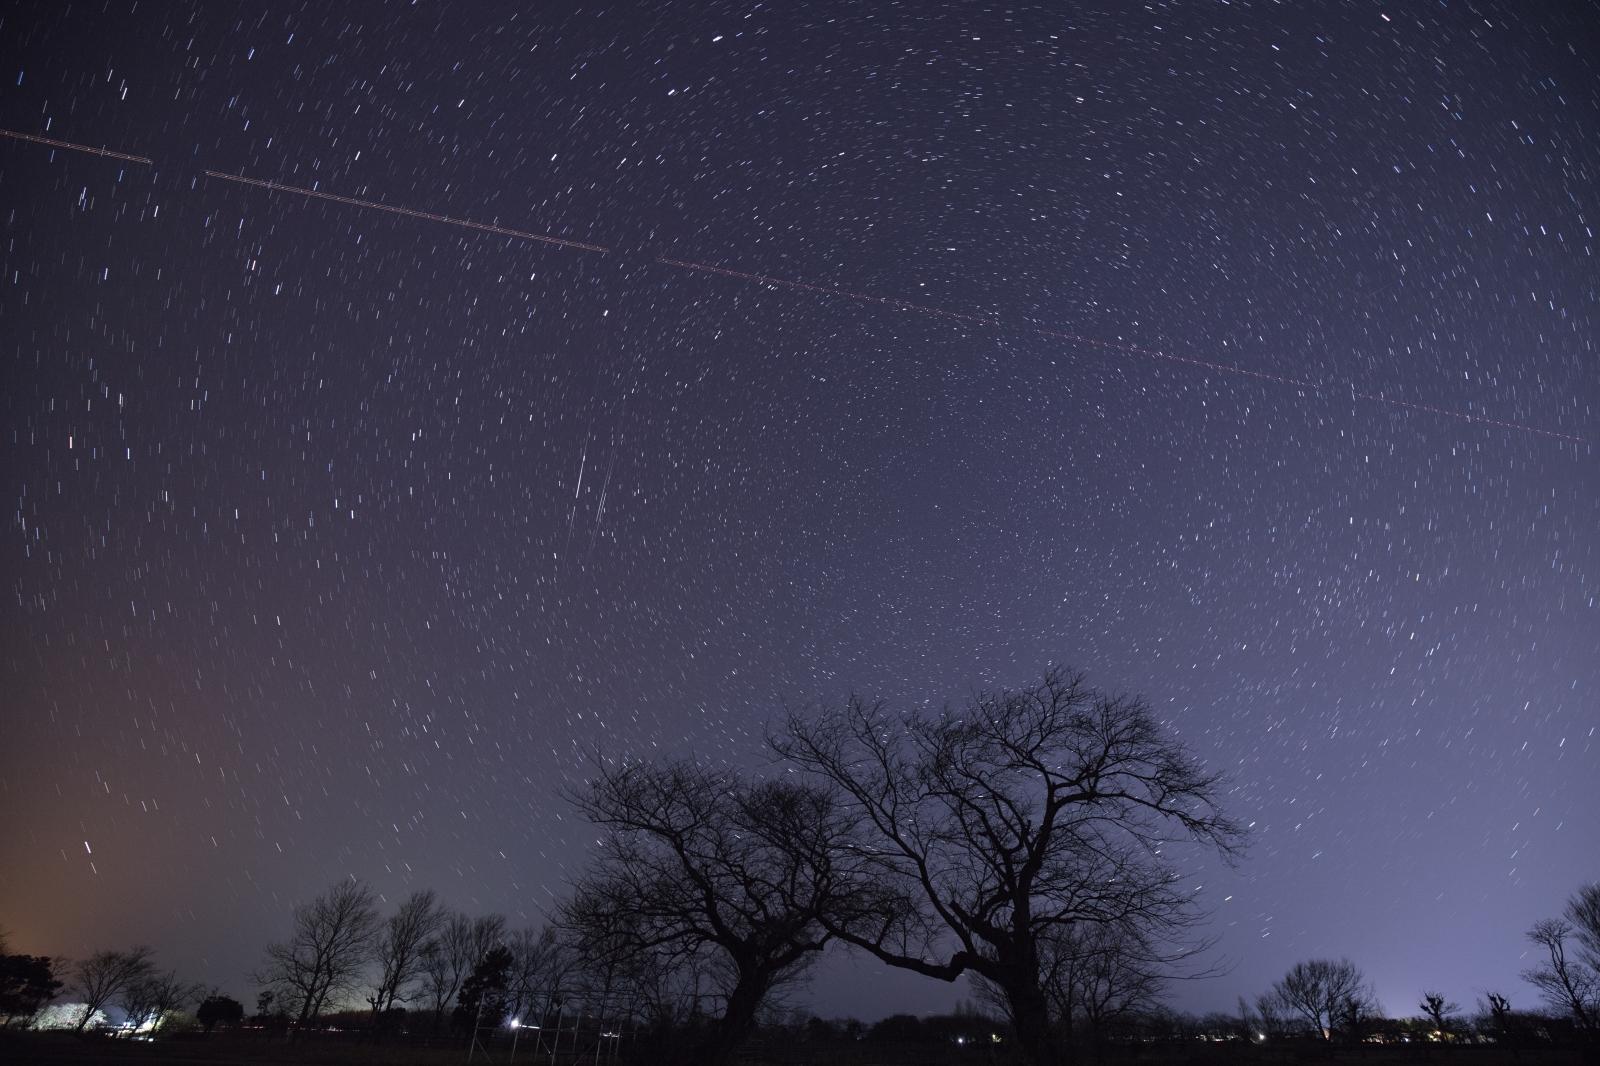 上堰潟公園 飛行機の光跡